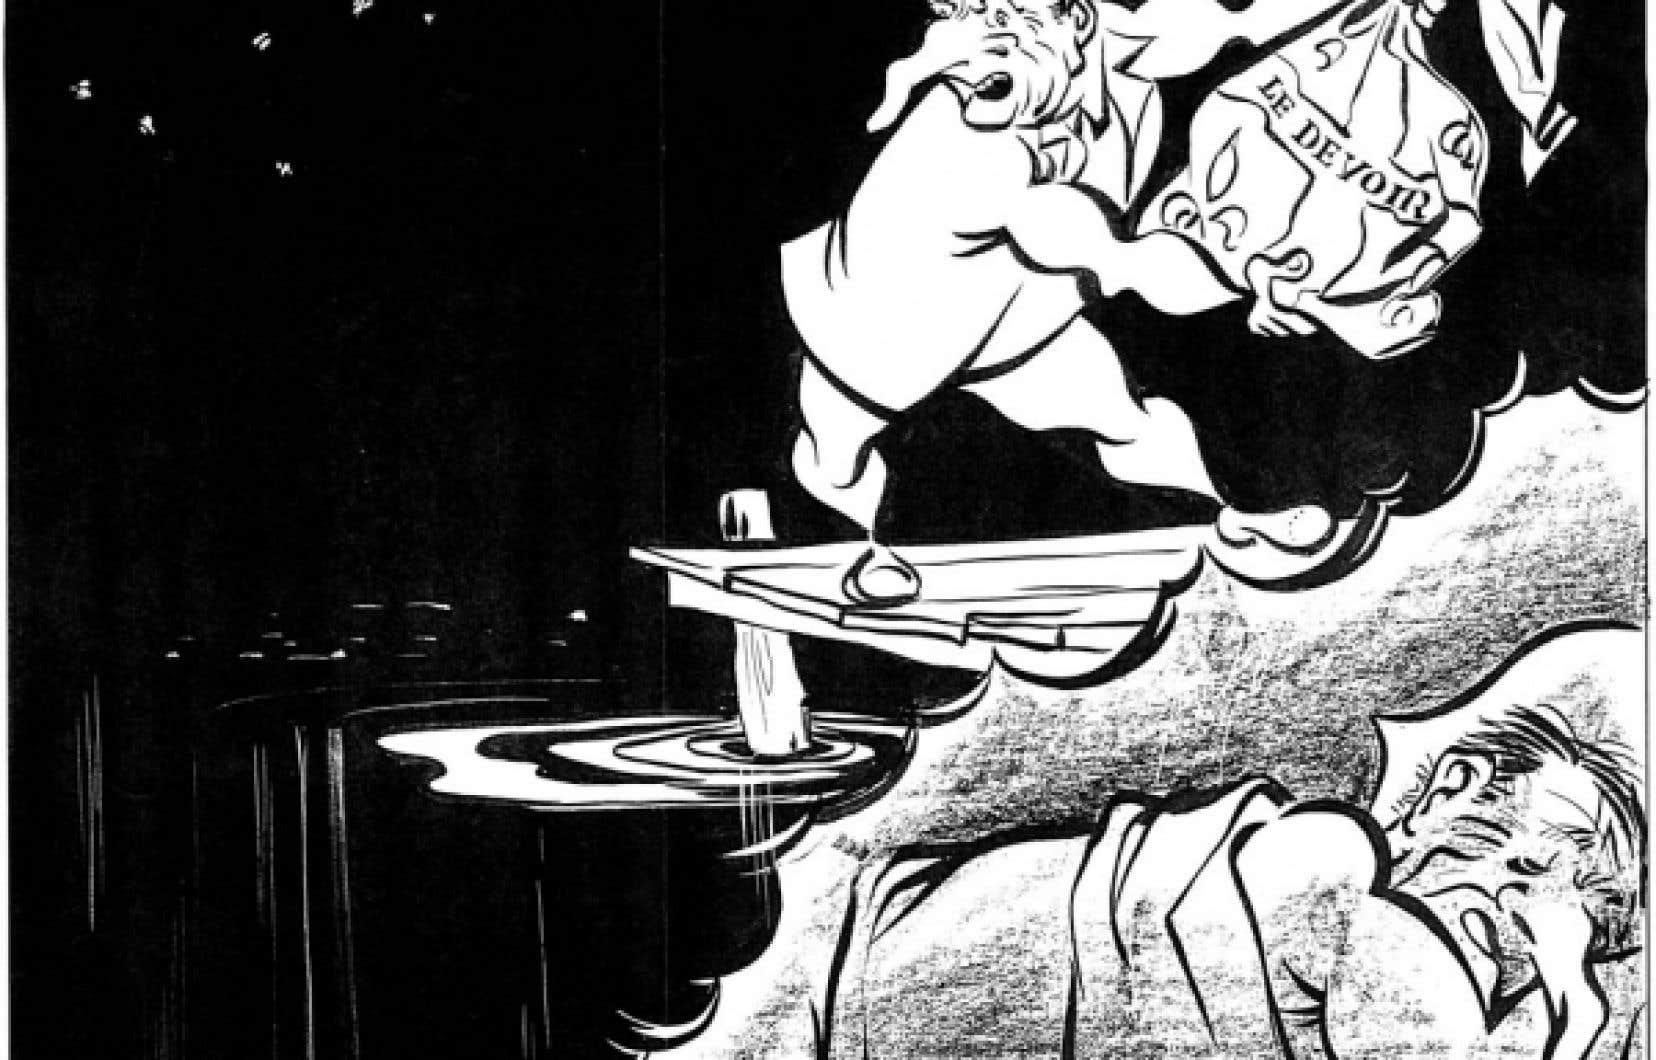 Caricaturiste au Devoir au cours des années 1950, Robert LaPalme (1908-1997) multiplie les charges contre celui qui, à son sens, symbolise l'obscurantisme: Maurice Le Noblet Duplessis. Le premier ministre s'en prendra régulièrement au Devoir.